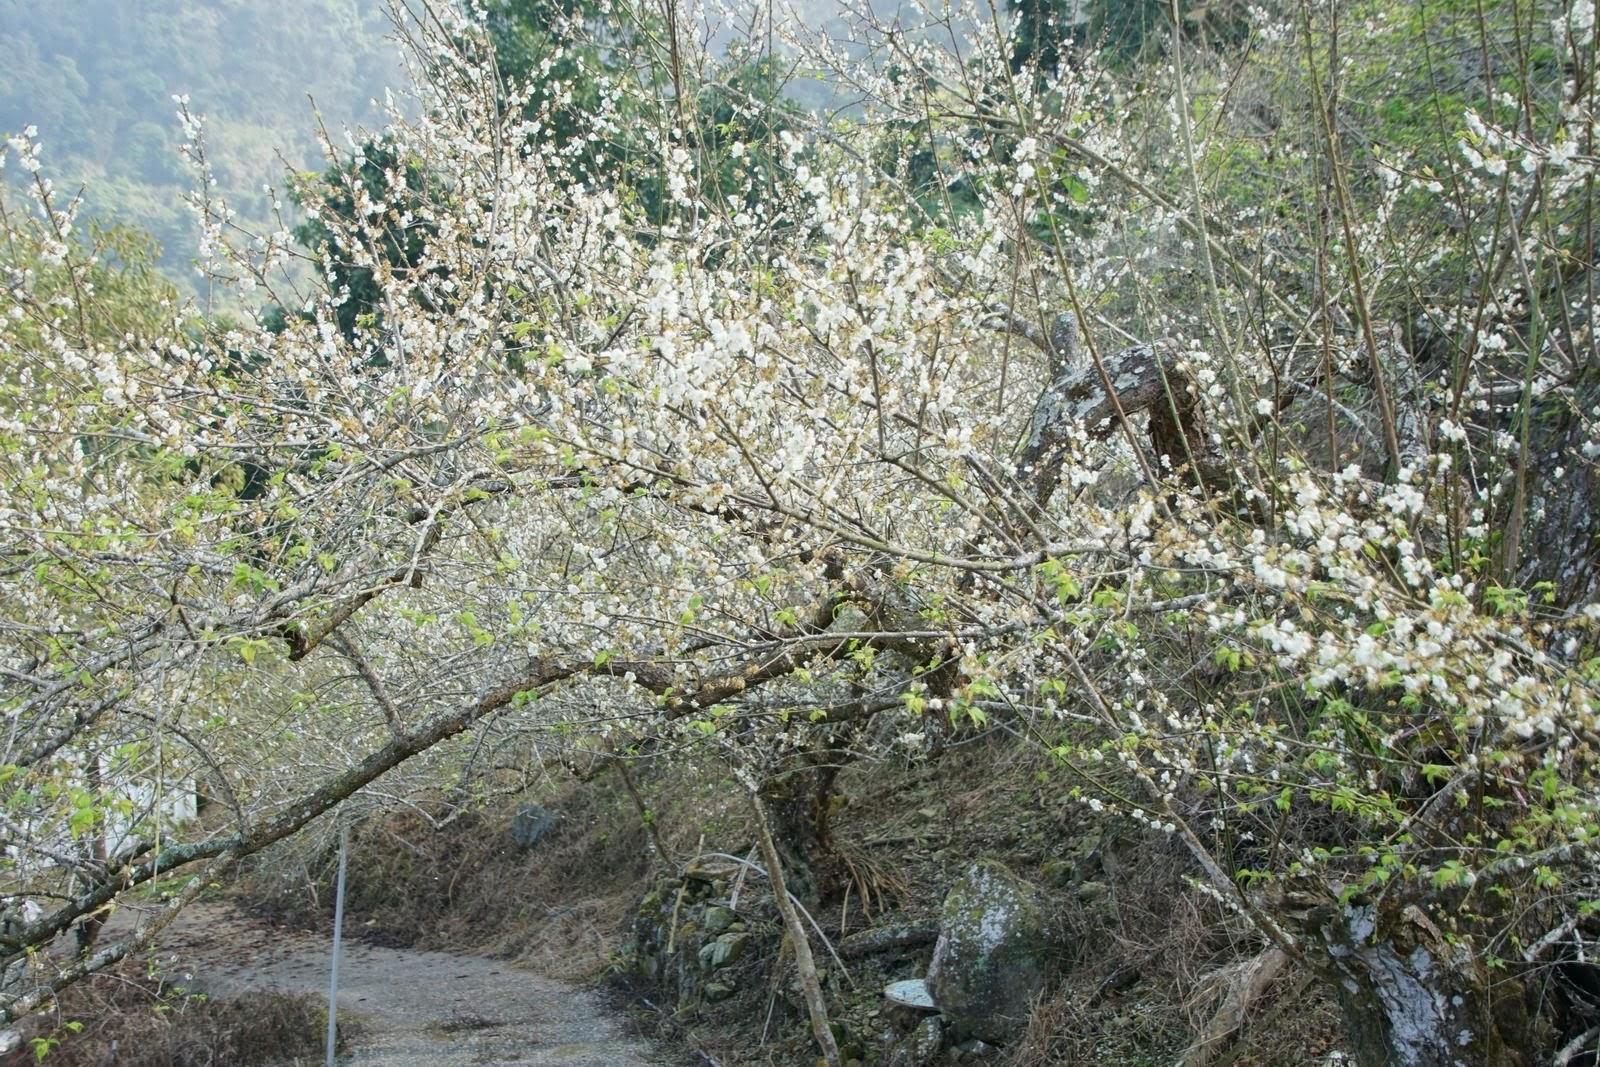 [台南][楠西區] 2020己亥年末|梅嶺弄梅-暖冬的步道健行|遊記